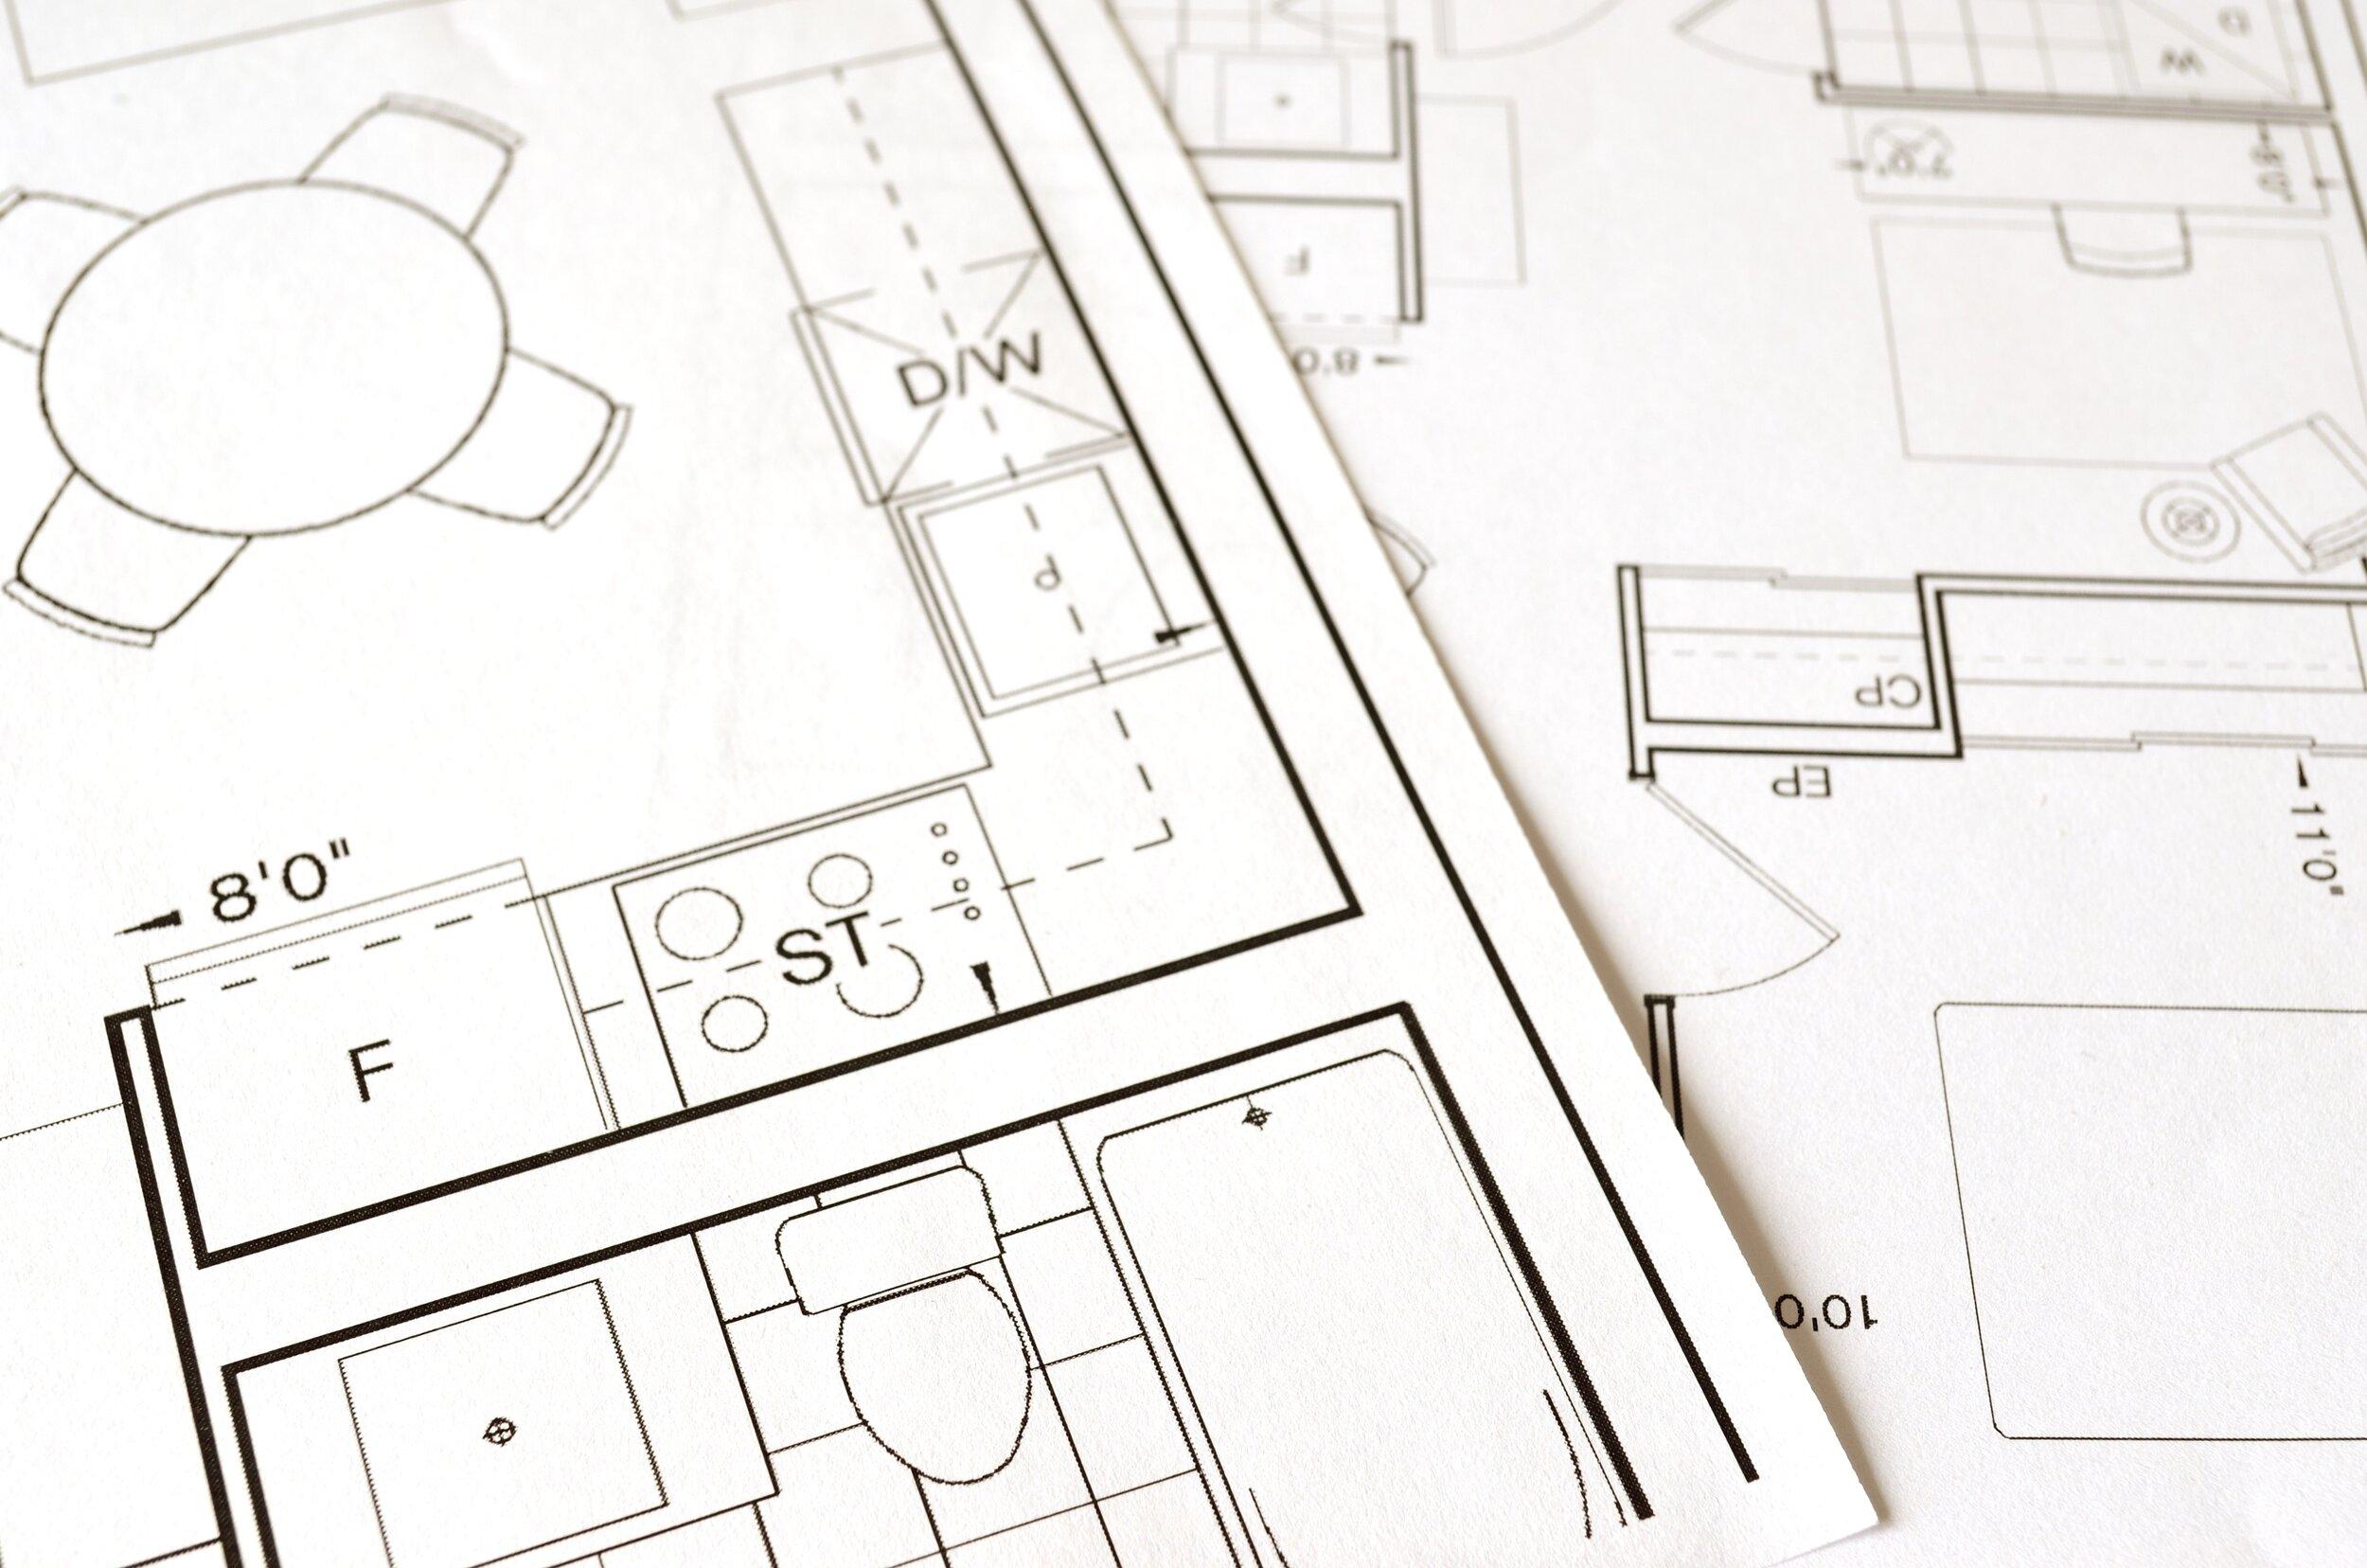 Canva - House Floor Plan on Paper.jpg